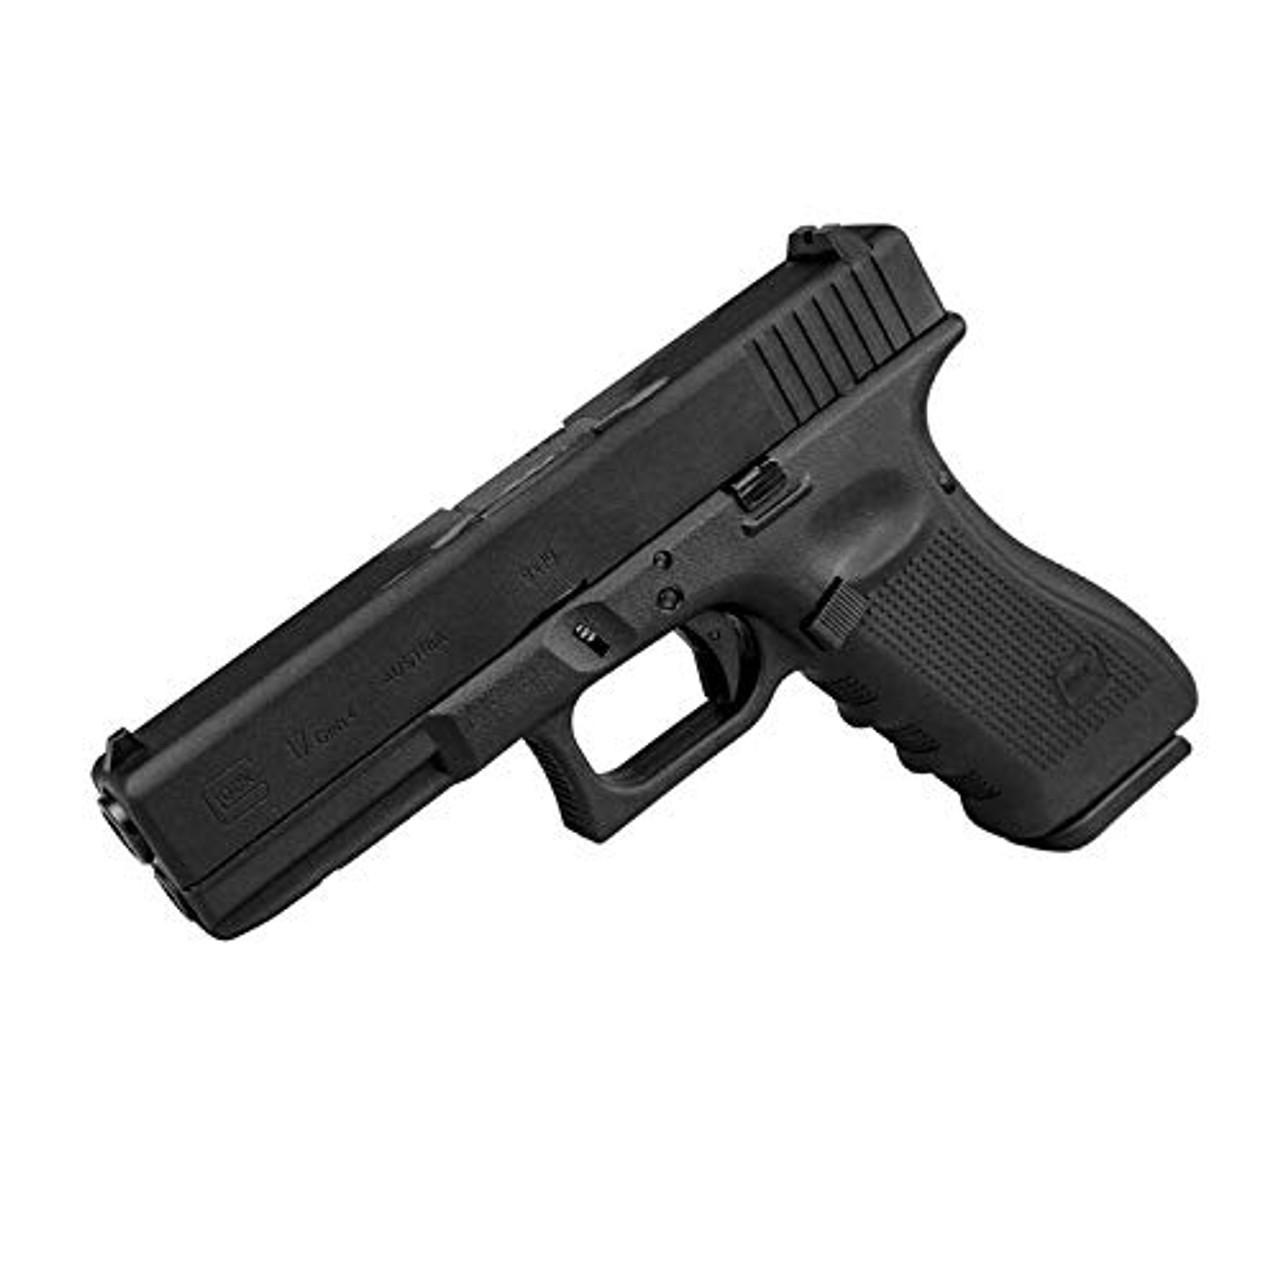 Umarex / VFC Glock G17 Gen 4 BK GBB Airsoft Gun